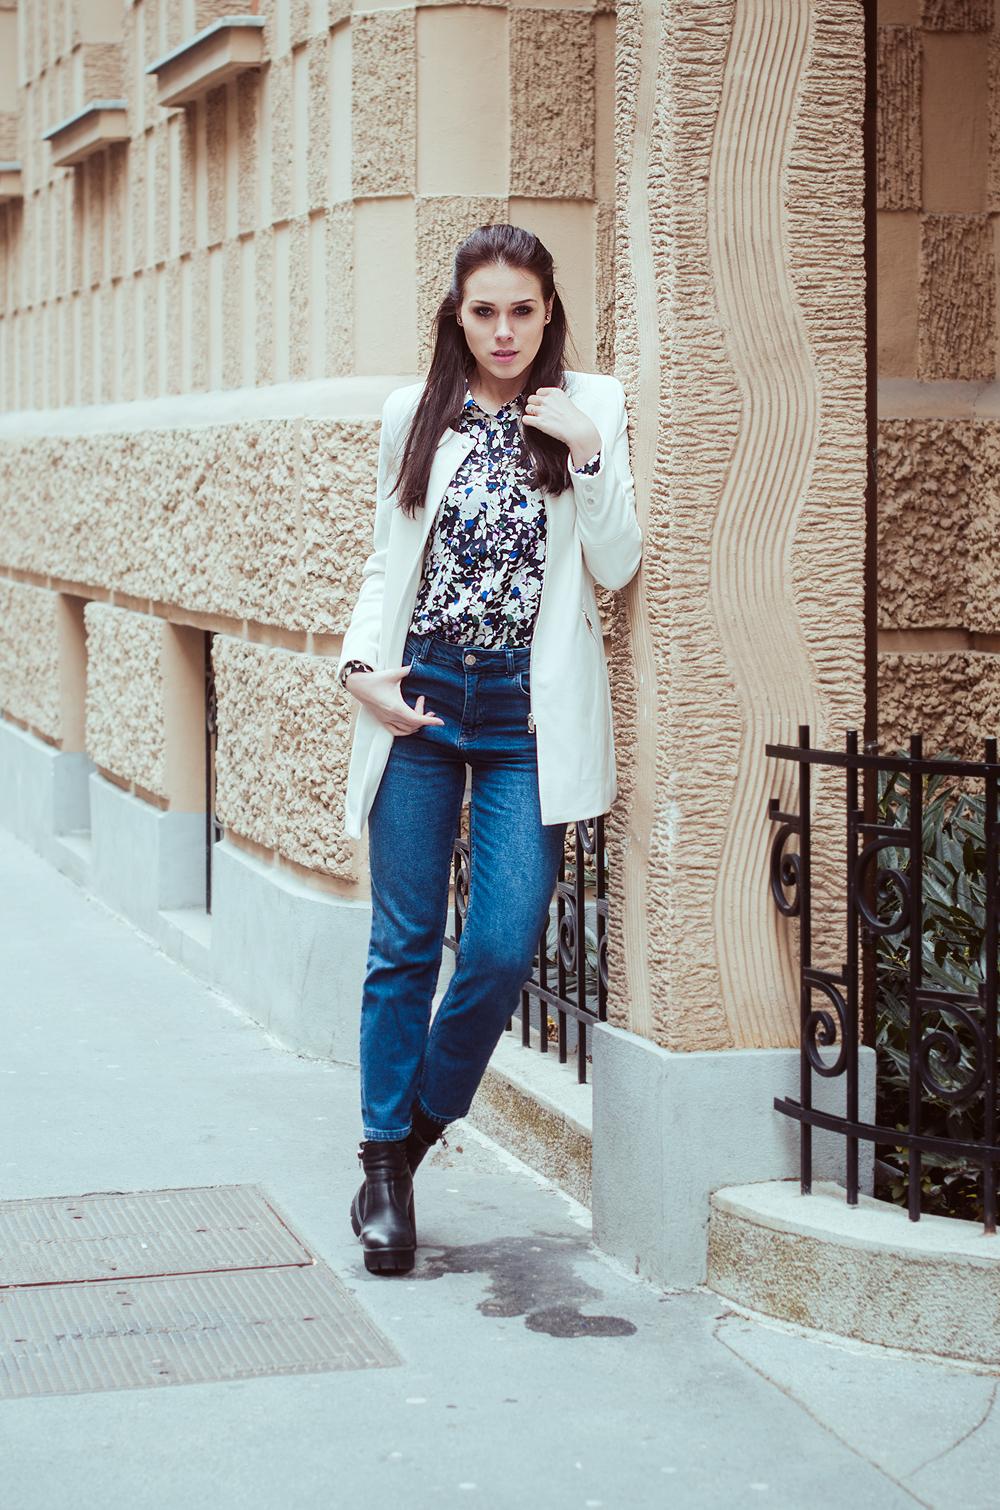 Eva Ahačevčič_Love, Eva_Banana Republic_Mom's jeans_OOTD 10